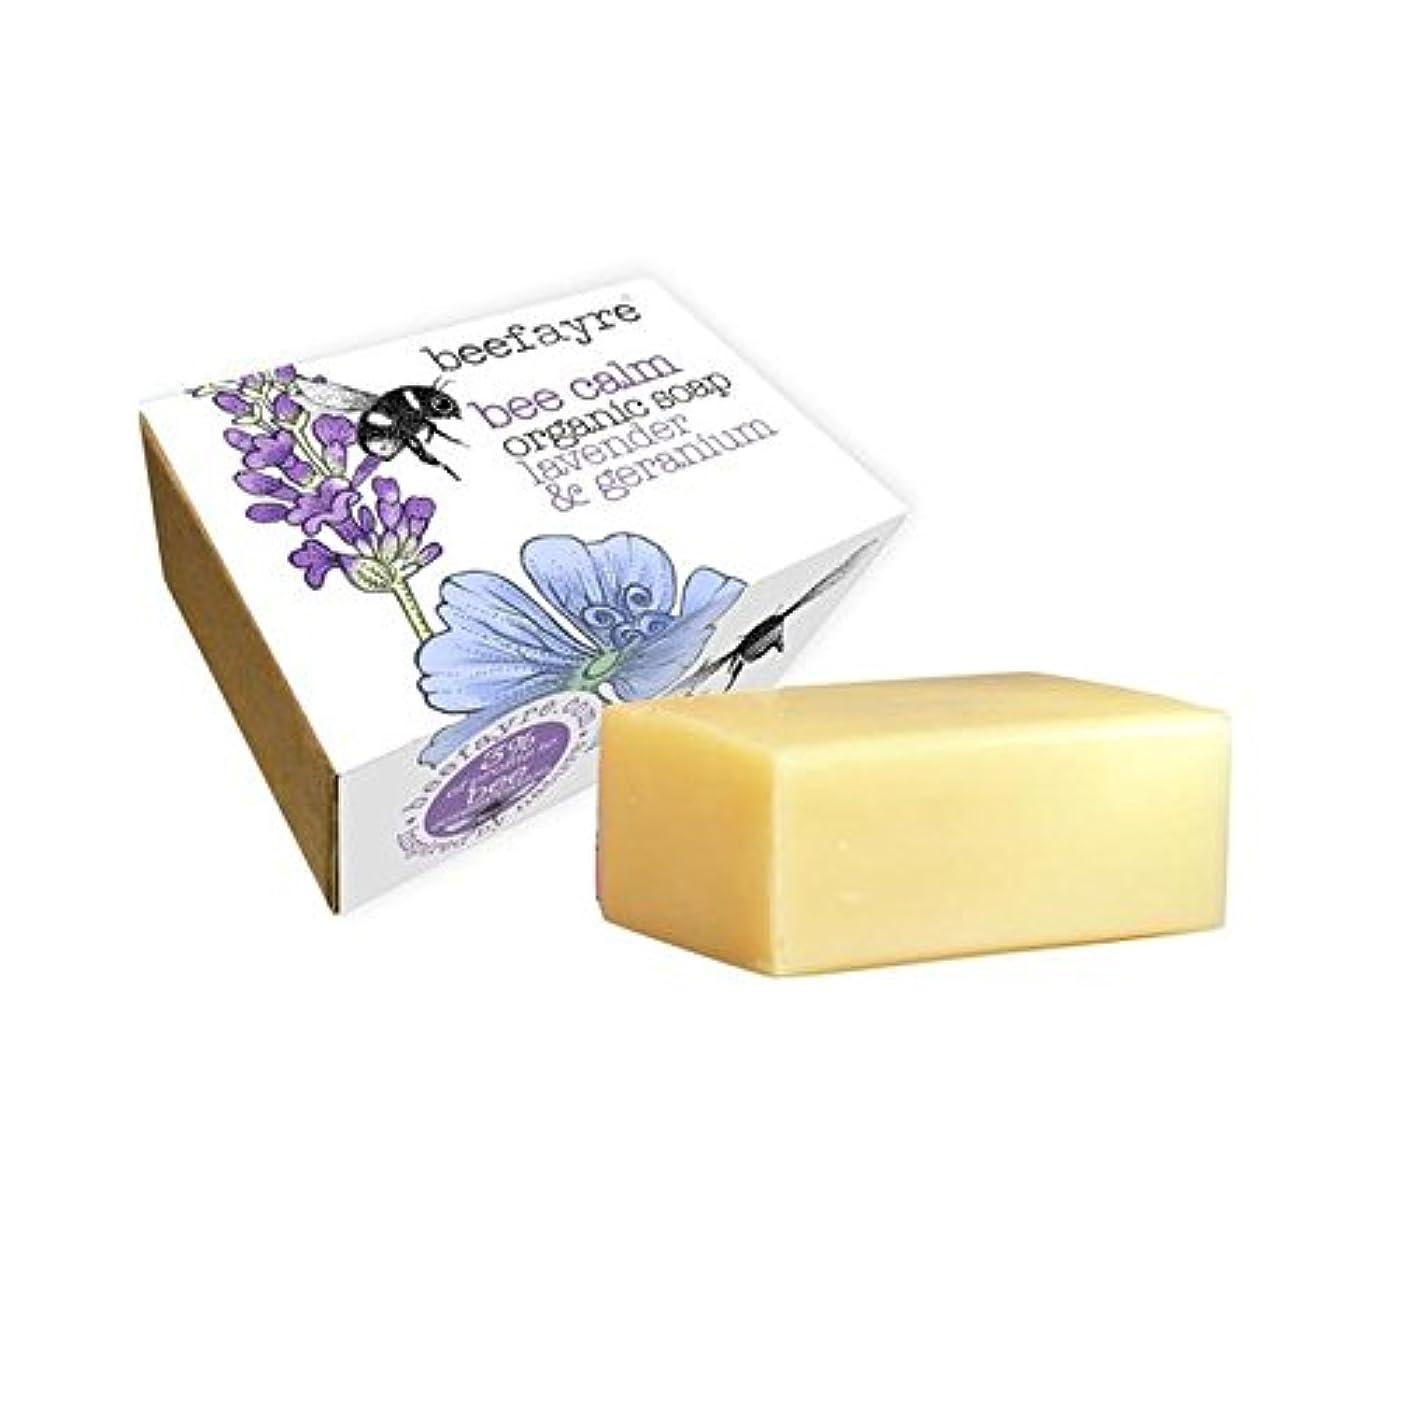 浮くロープ下位Beefayre Organic Geranium & Lavender Soap - 有機ゼラニウム&ラベンダー石鹸 [並行輸入品]